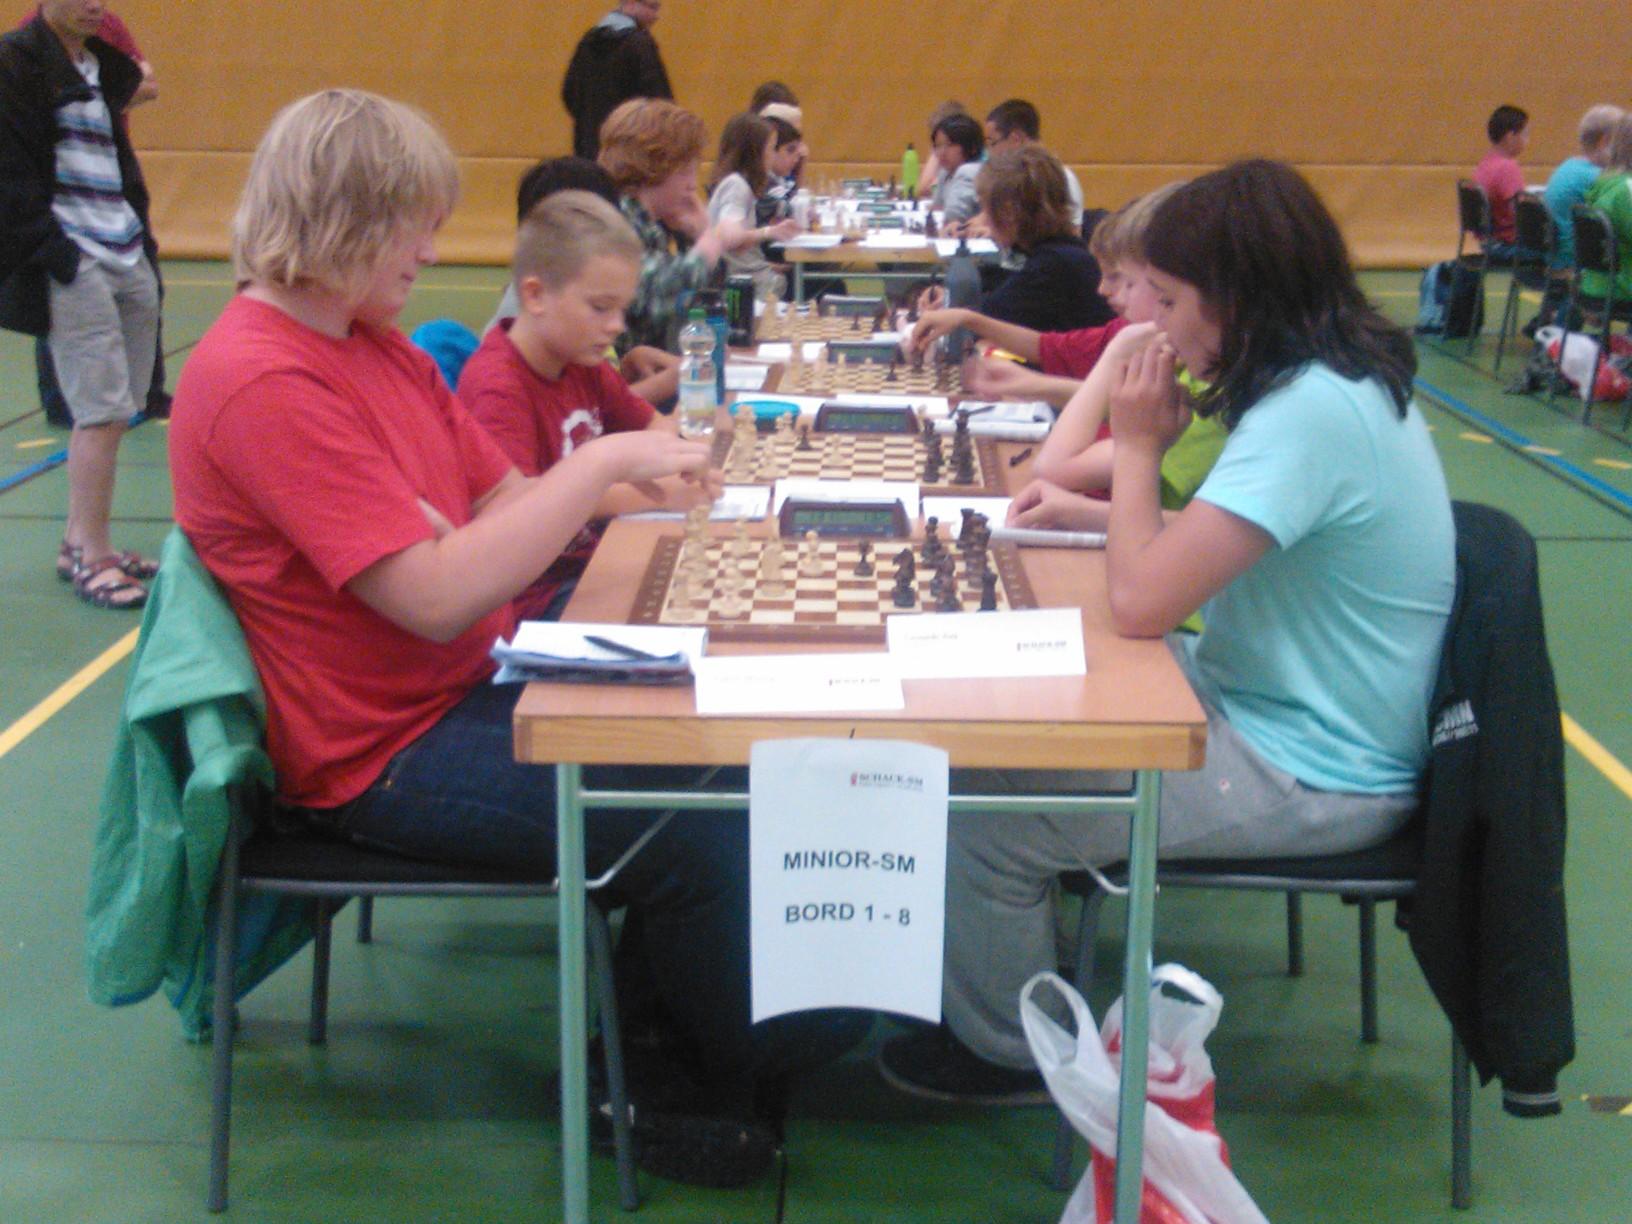 Toppmöte i femte ronden: slutsegraren Joakim Mörling ställs mot Manhems framtidsman Leonardo Aira (Foto: Teresa Aira).